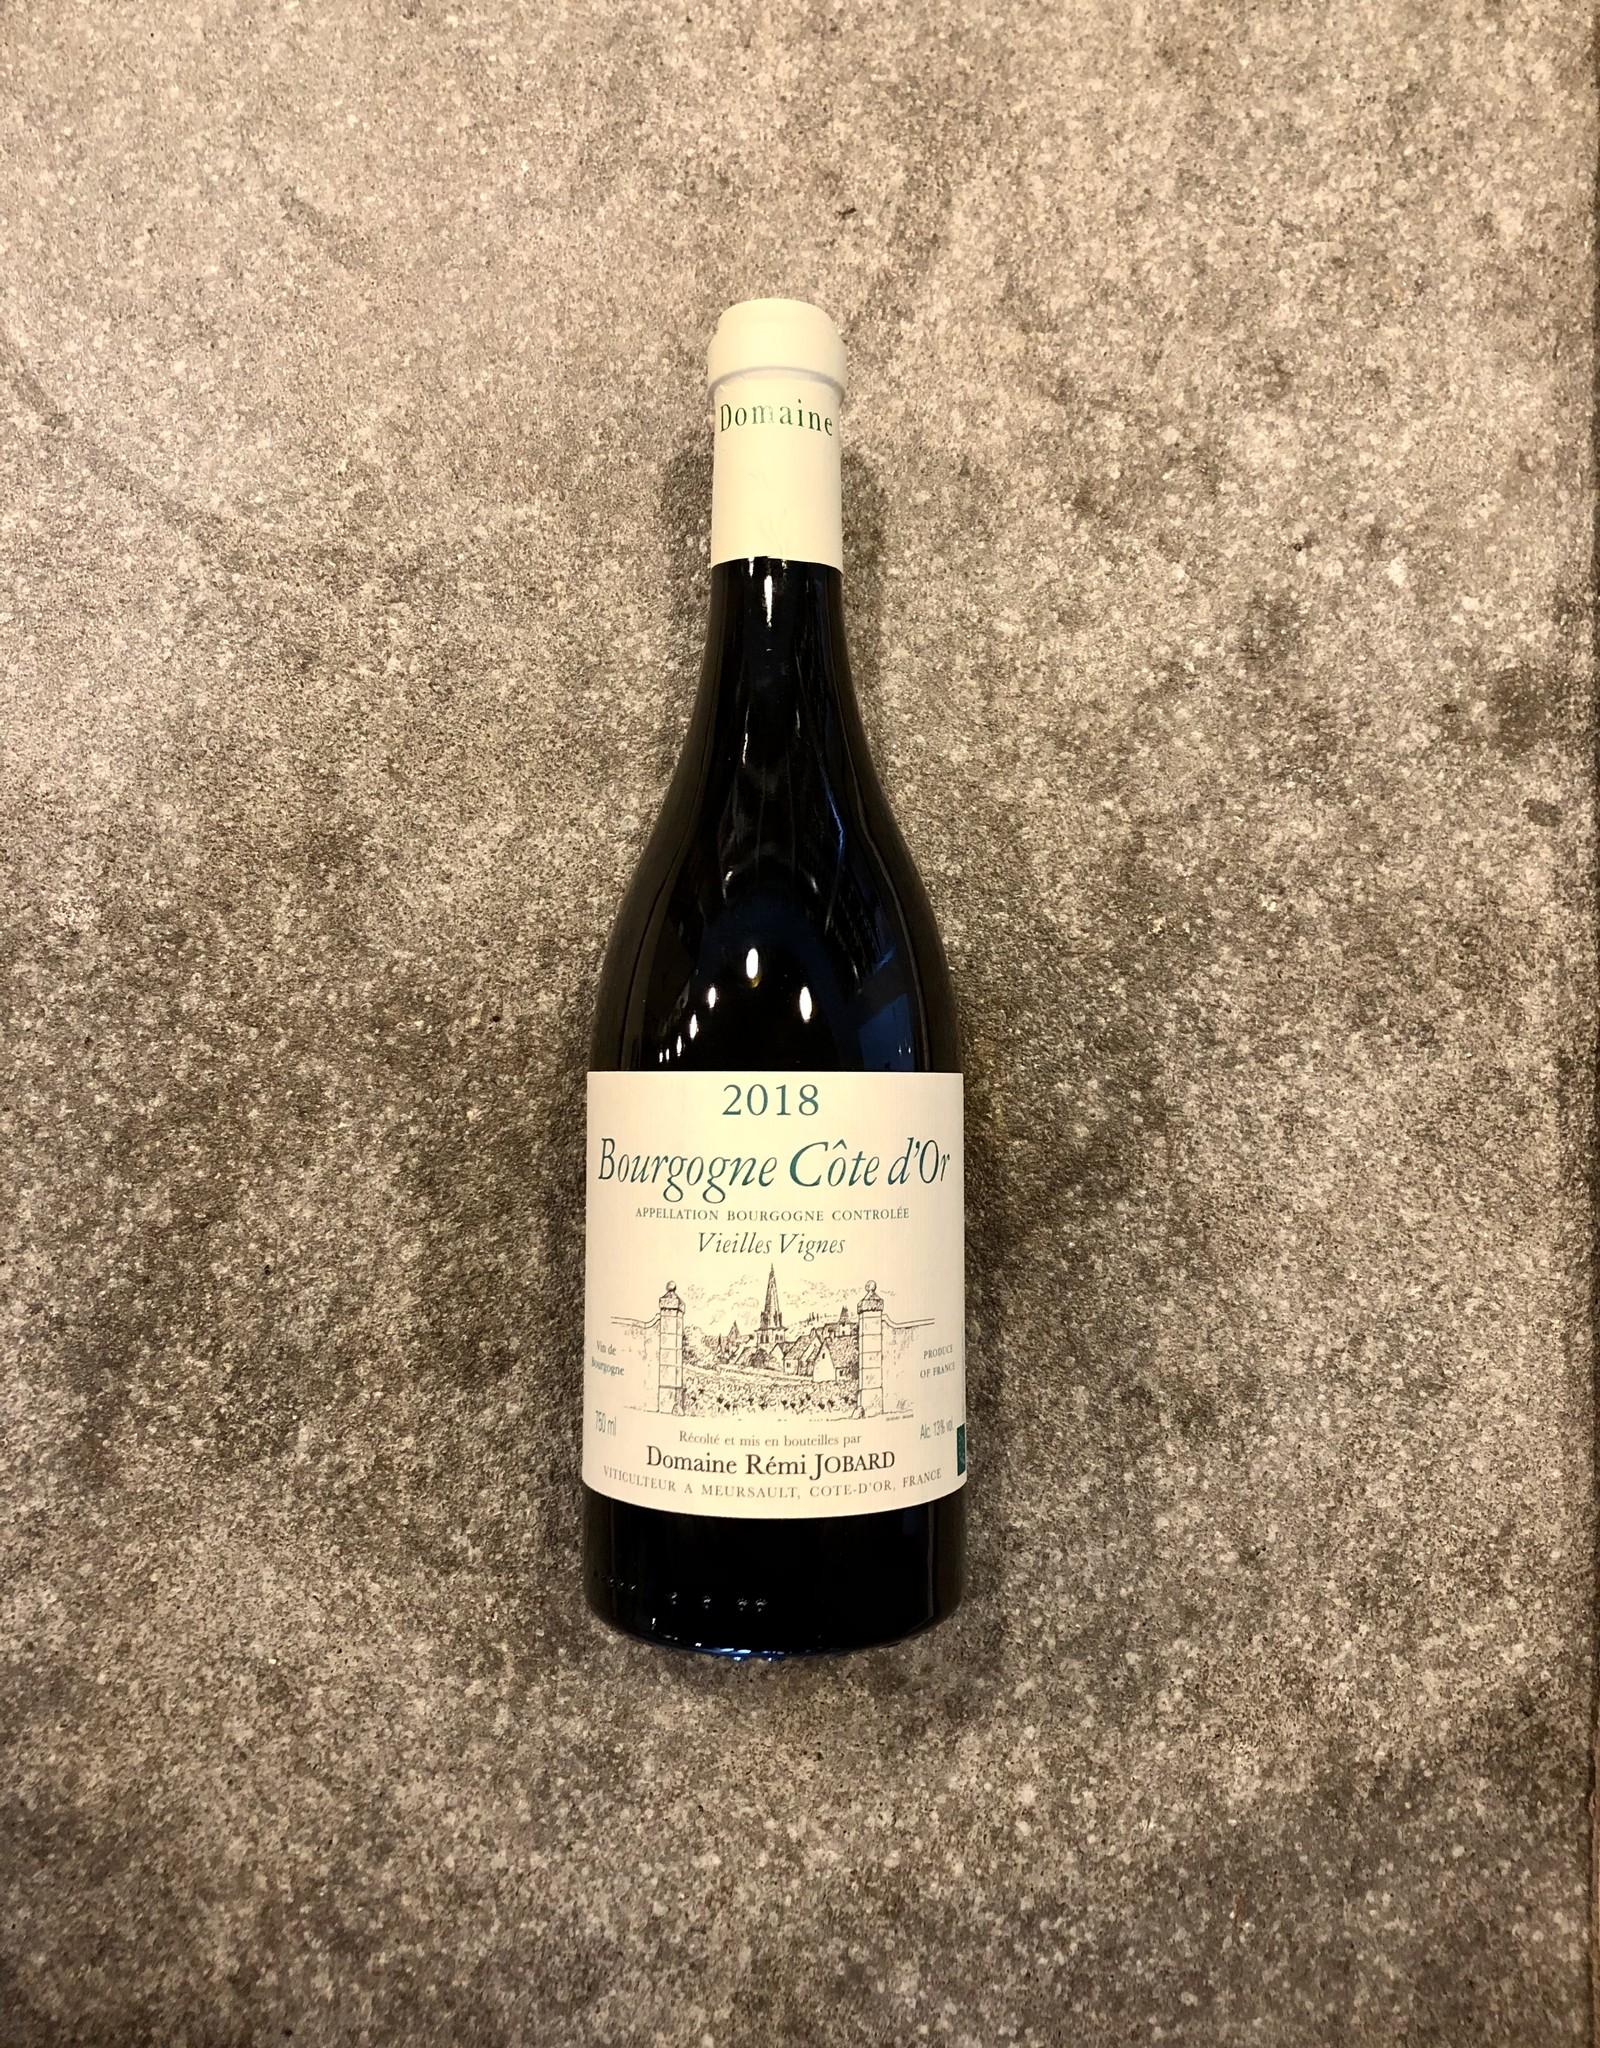 Rémi Jobard Bourgogne Côte d'Or Vieilles Vignes 2018